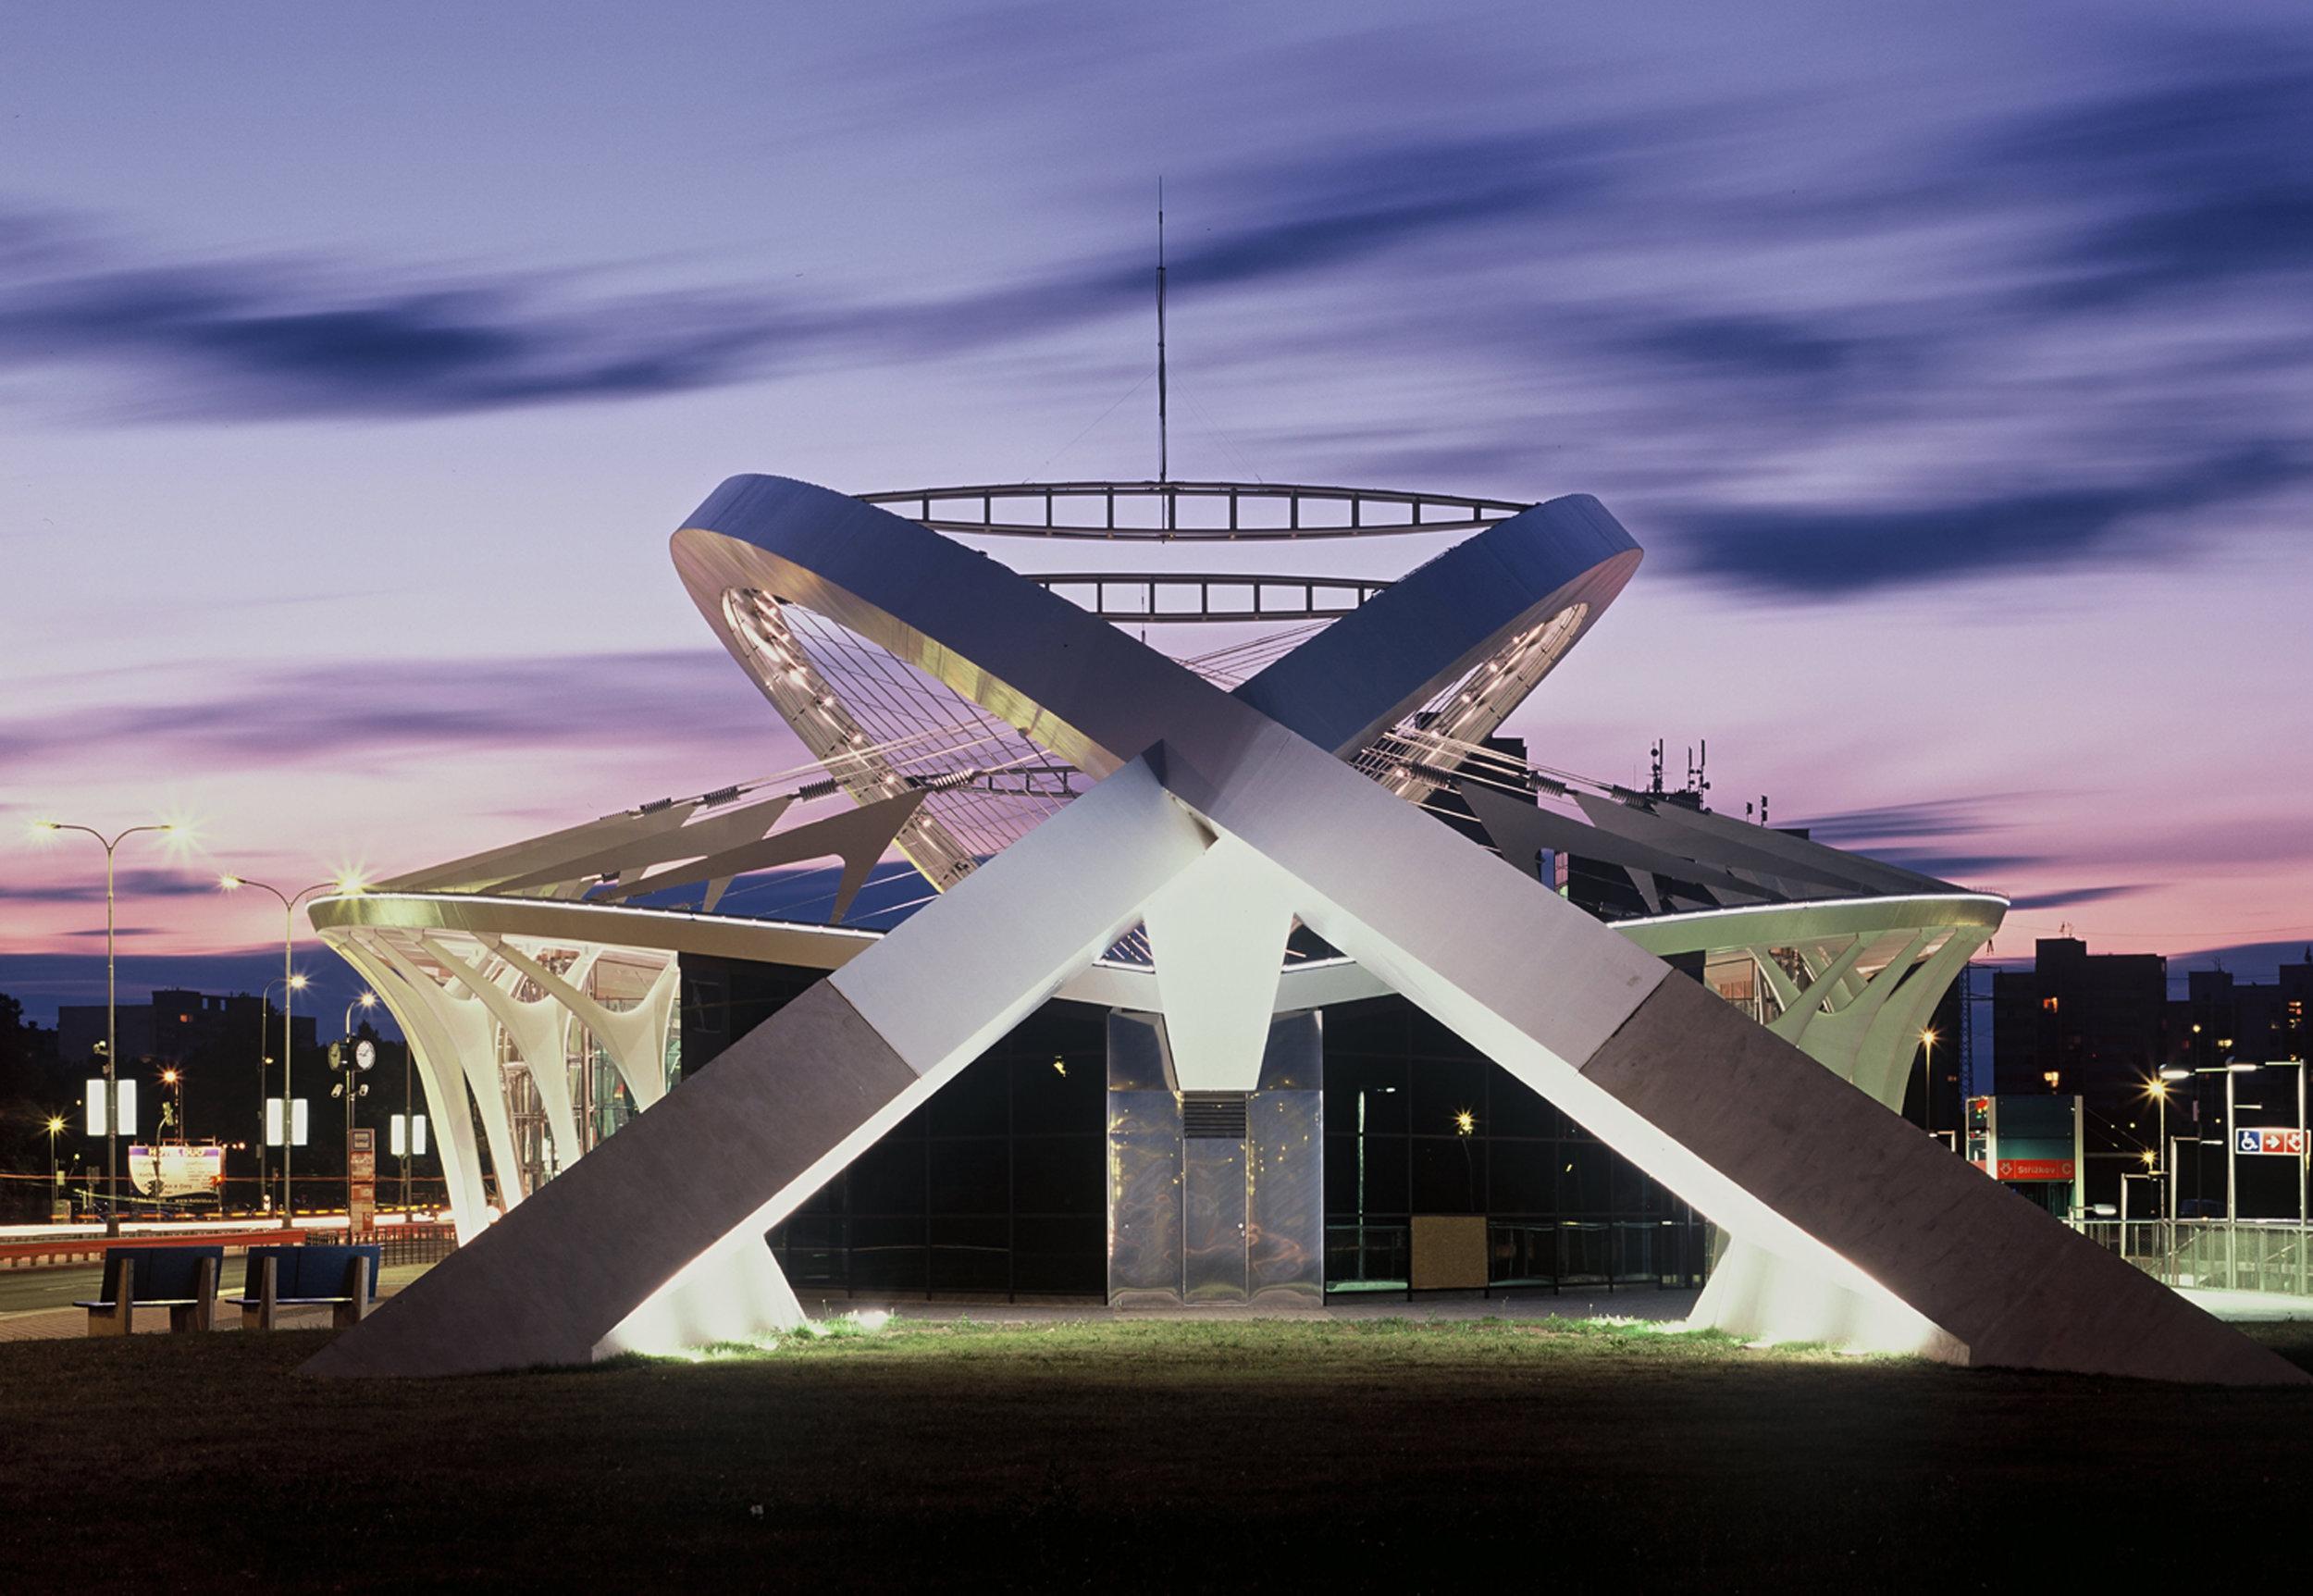 Stanice metra Střížkov je řešena jako částečně nadzemní. V noci i přes den má sloužit jako orientační bod v nevýrazné sídlištní zástavbě. Zároveň se předpokládalo, že by se výhledově mohlo jednat o místo, kde by mohlo docházet k rozvoji veřejného prostoru. (foto: atelier Patrika Kotase)